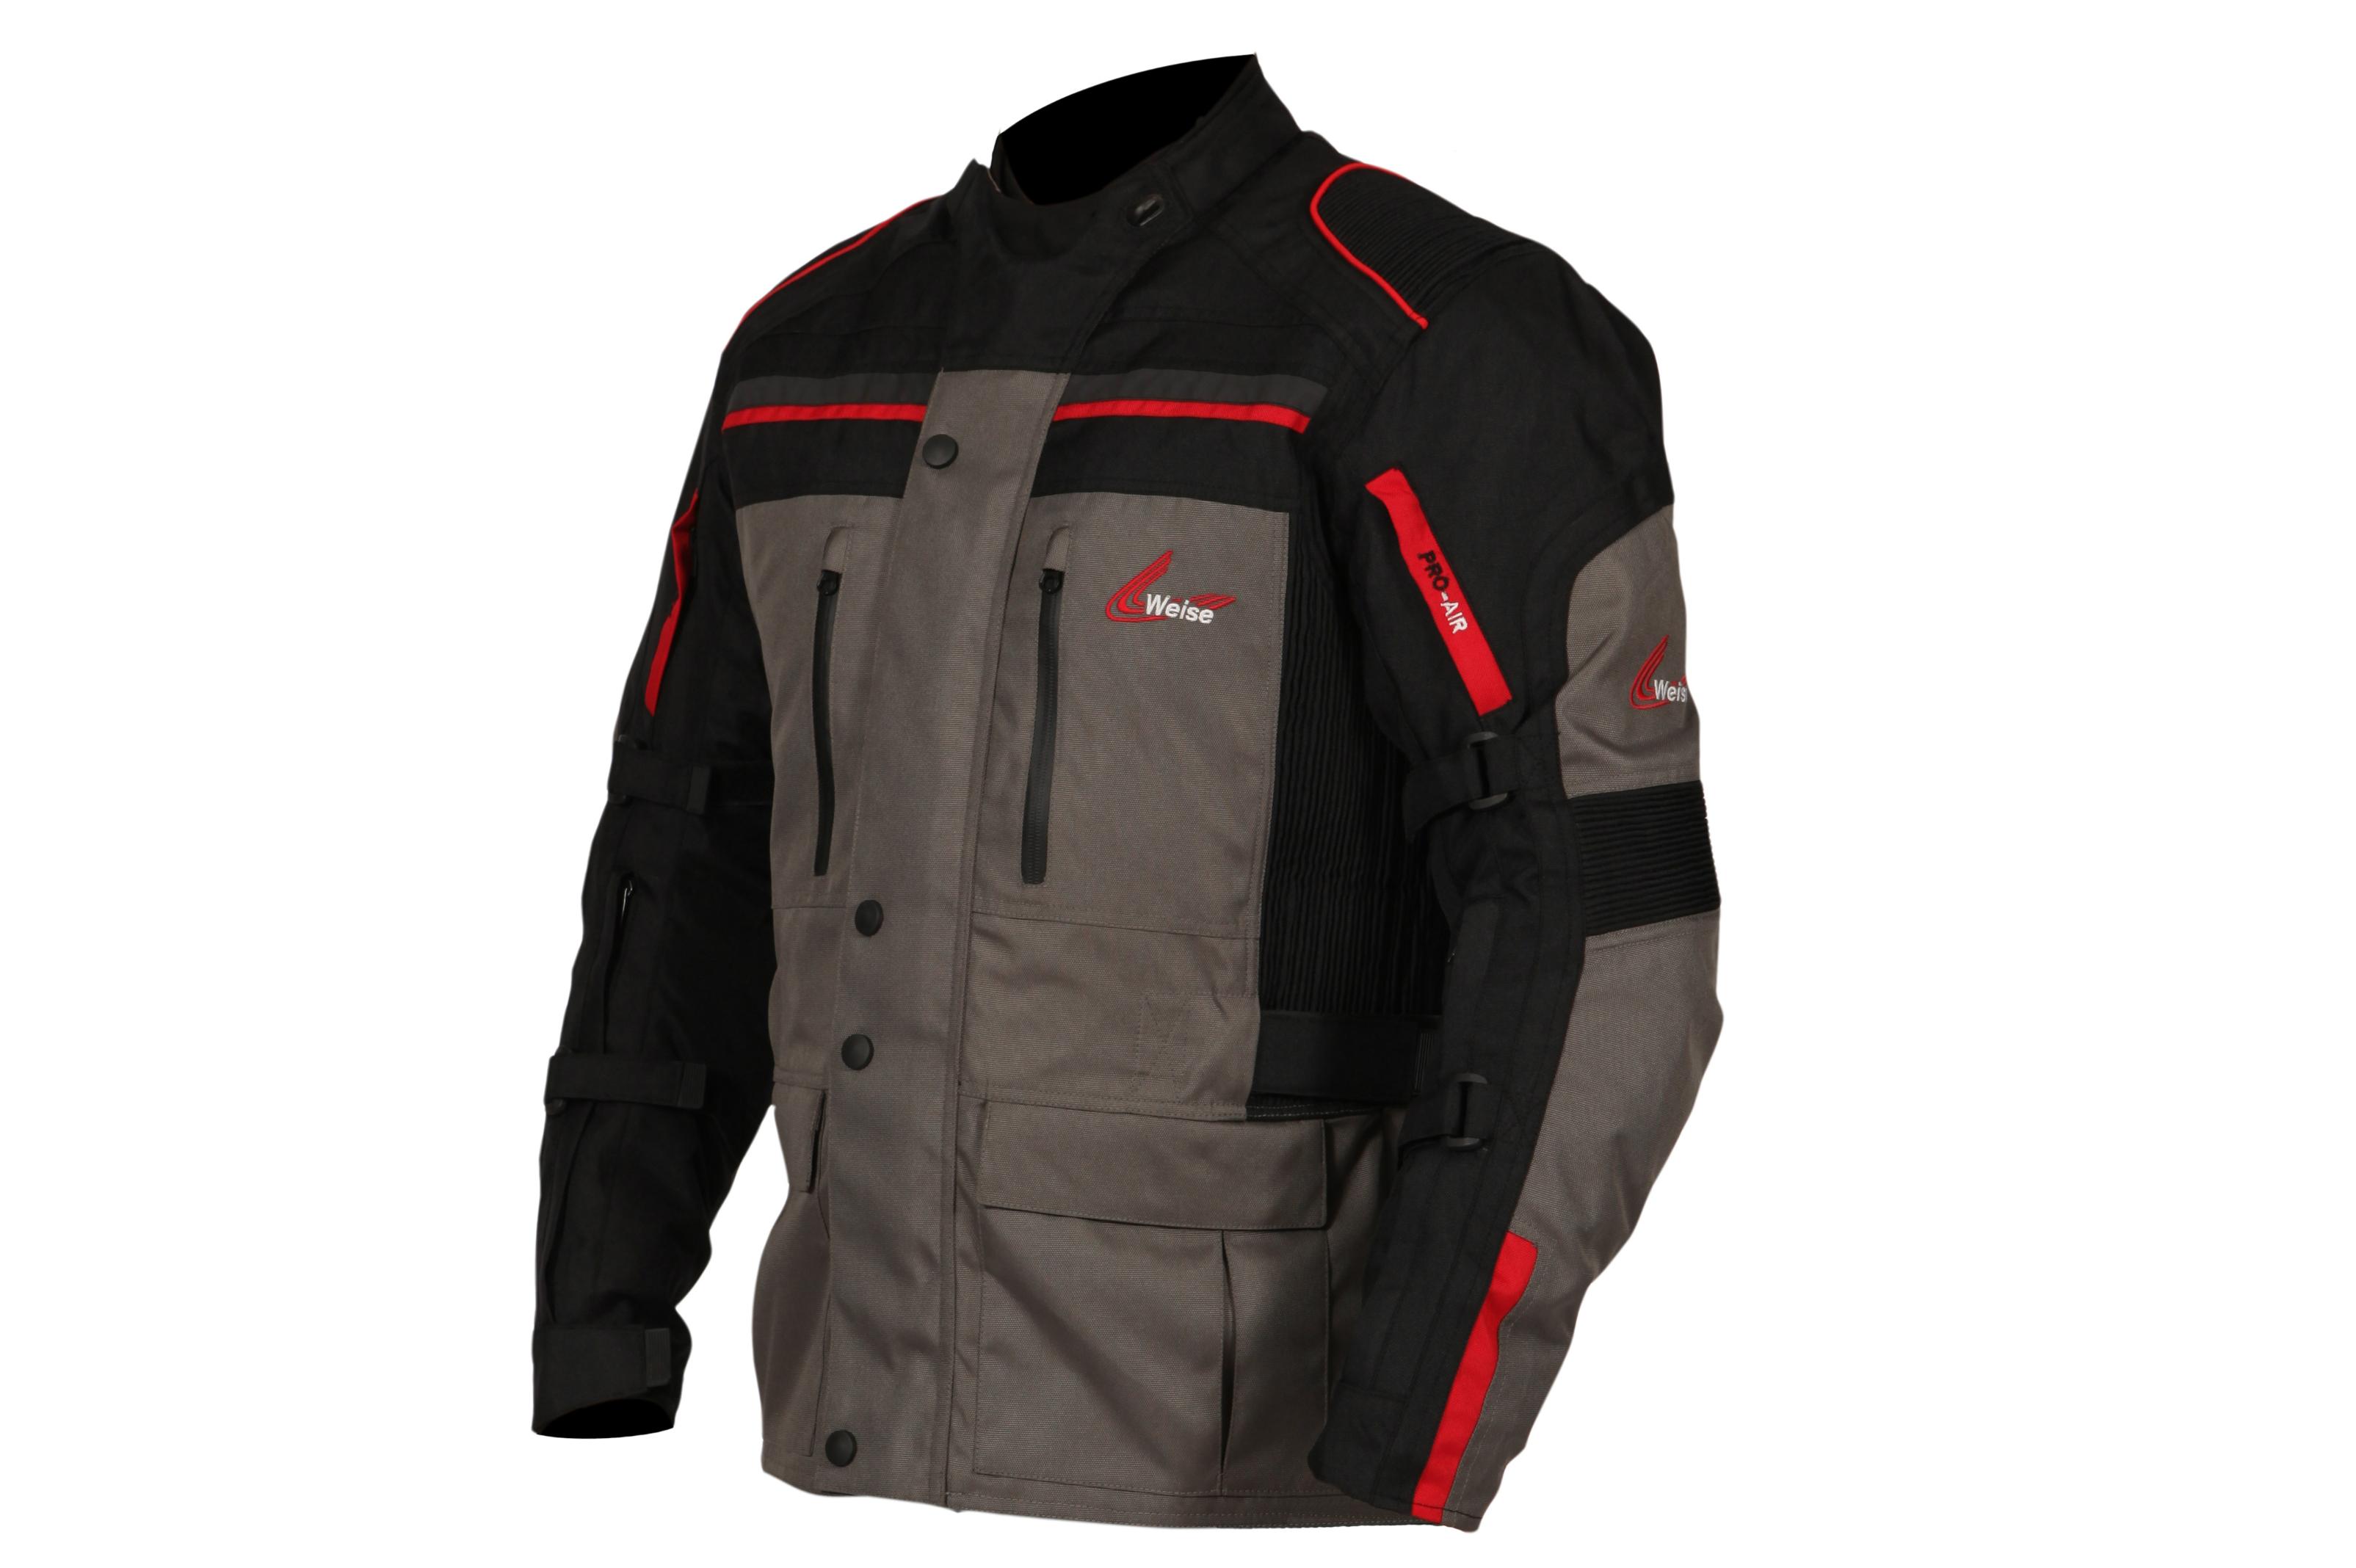 Tested: Weise Zurich jacket